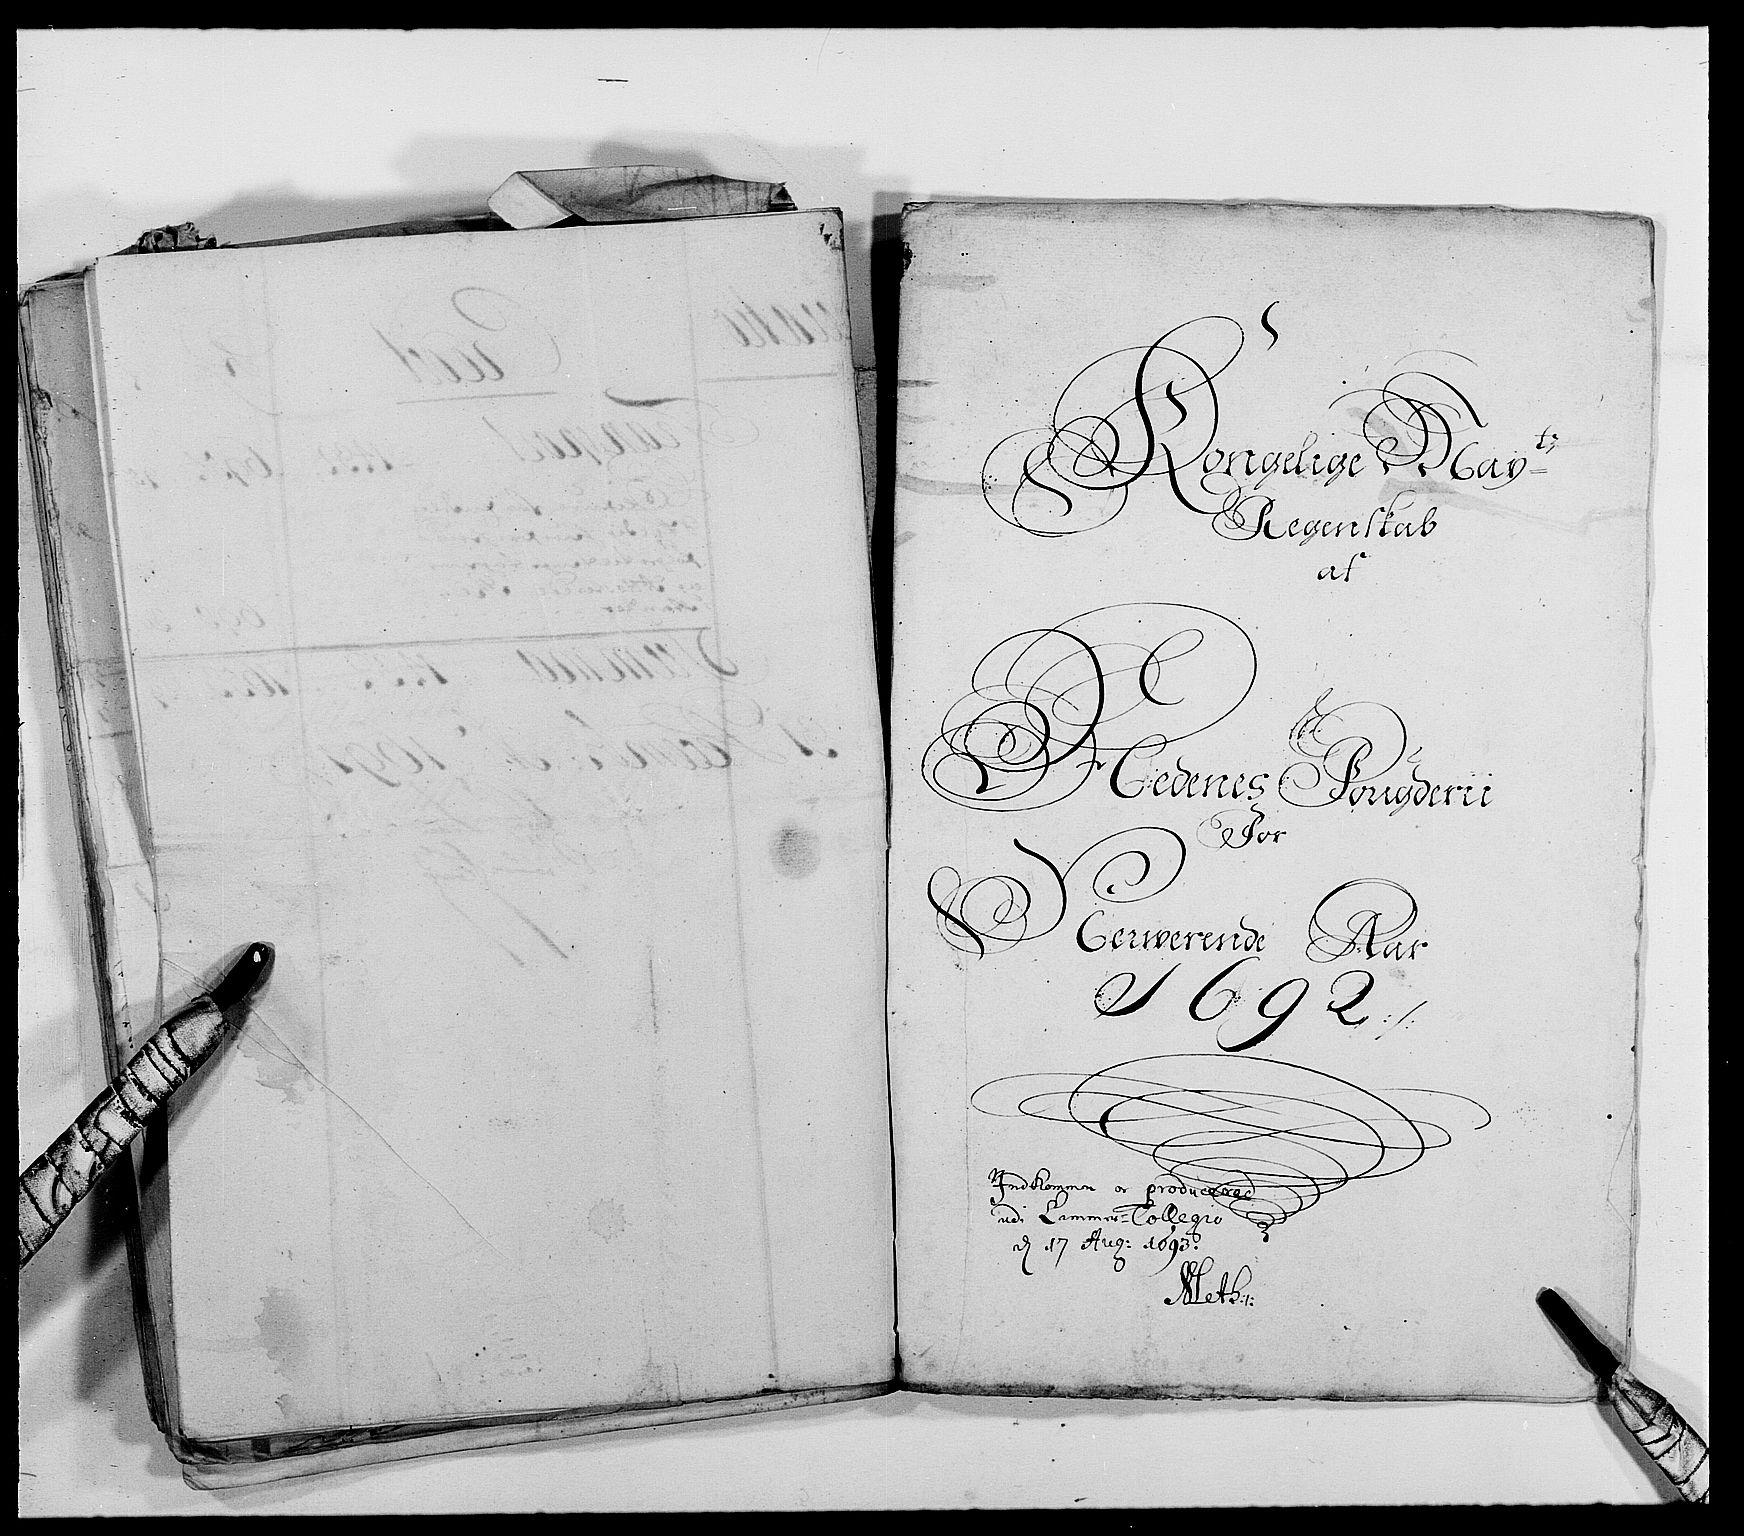 RA, Rentekammeret inntil 1814, Reviderte regnskaper, Fogderegnskap, R39/L2310: Fogderegnskap Nedenes, 1690-1692, s. 41